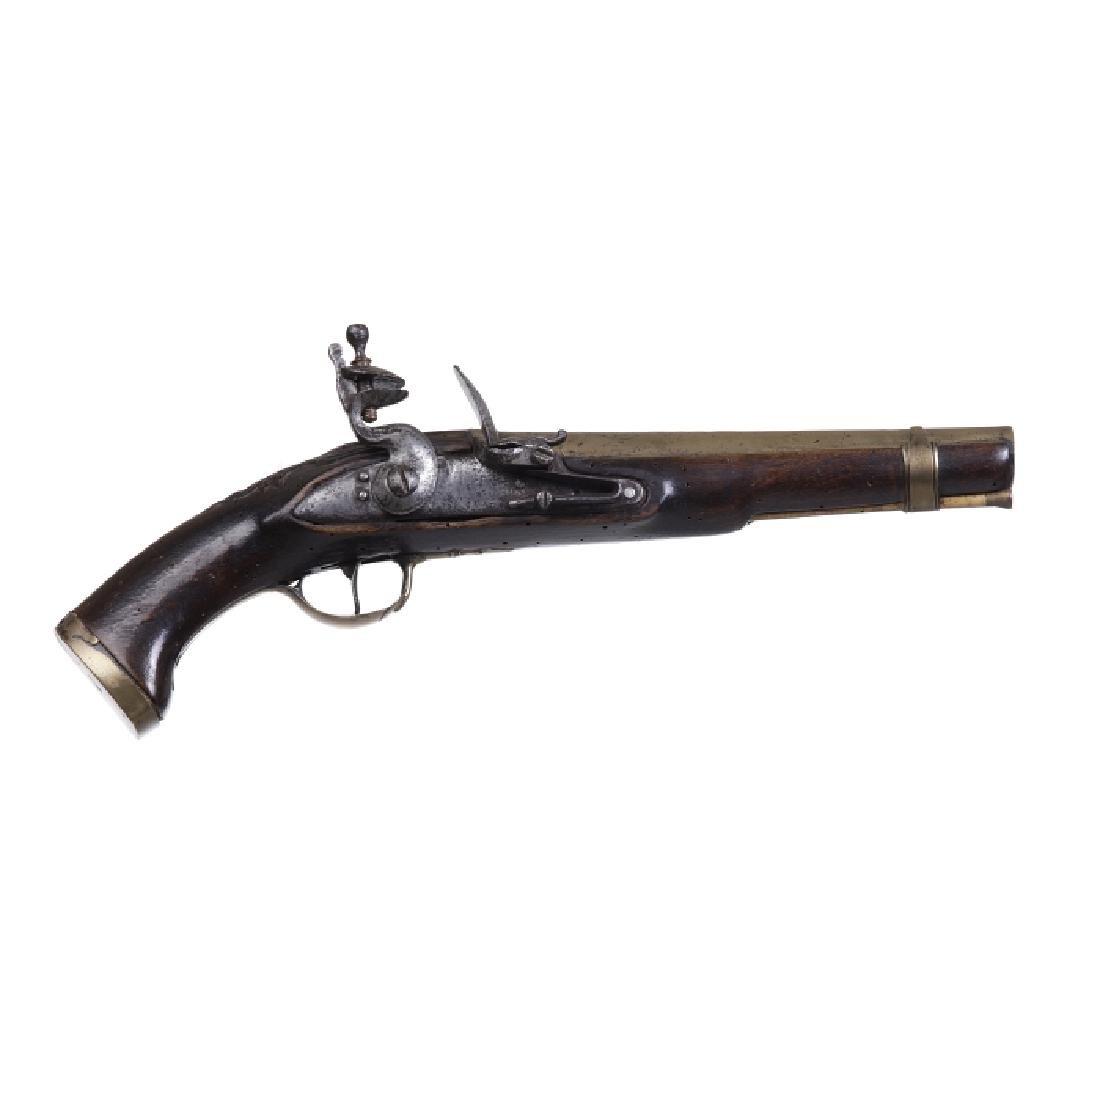 Navy pistol